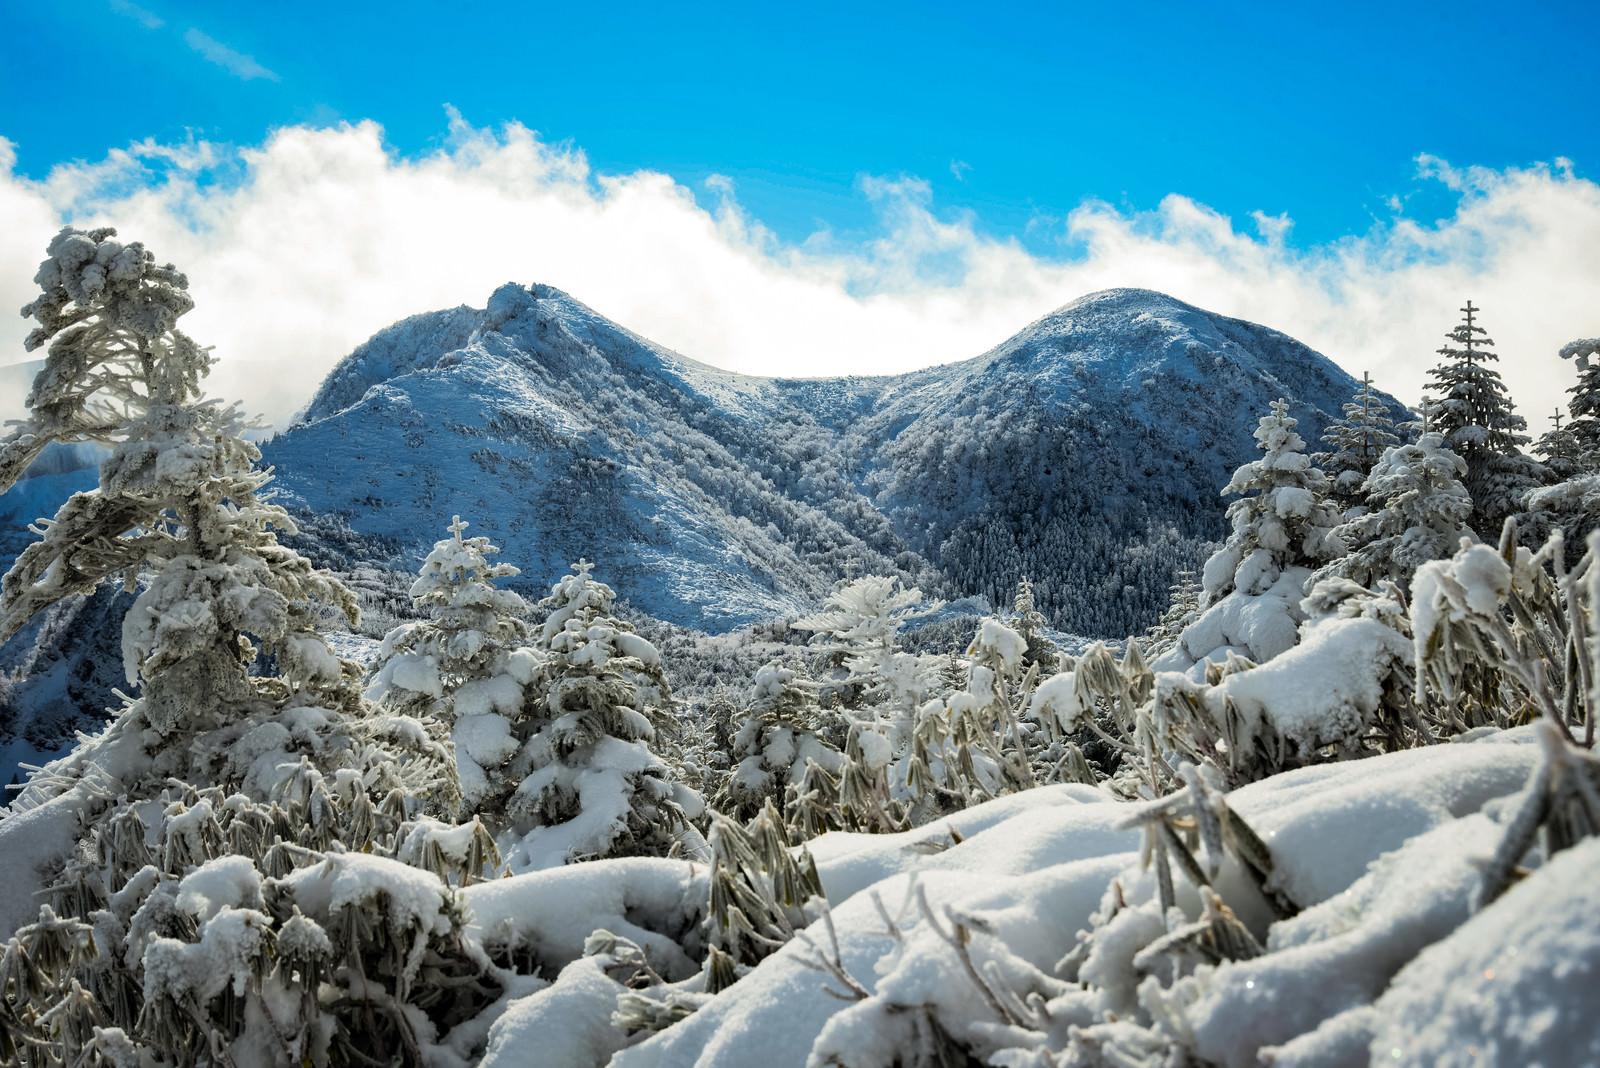 「厳冬期の雪景色(天狗岳)」の写真